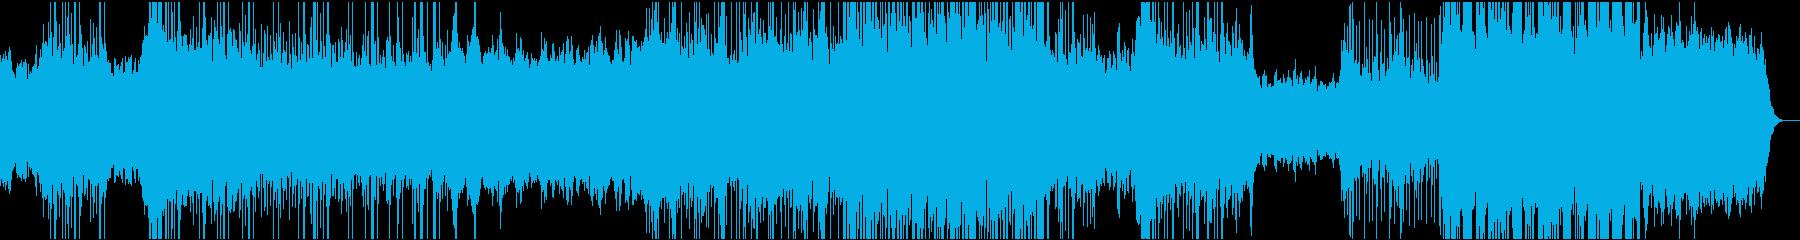 テクスチャーEDMで機械的で透明な曲の再生済みの波形